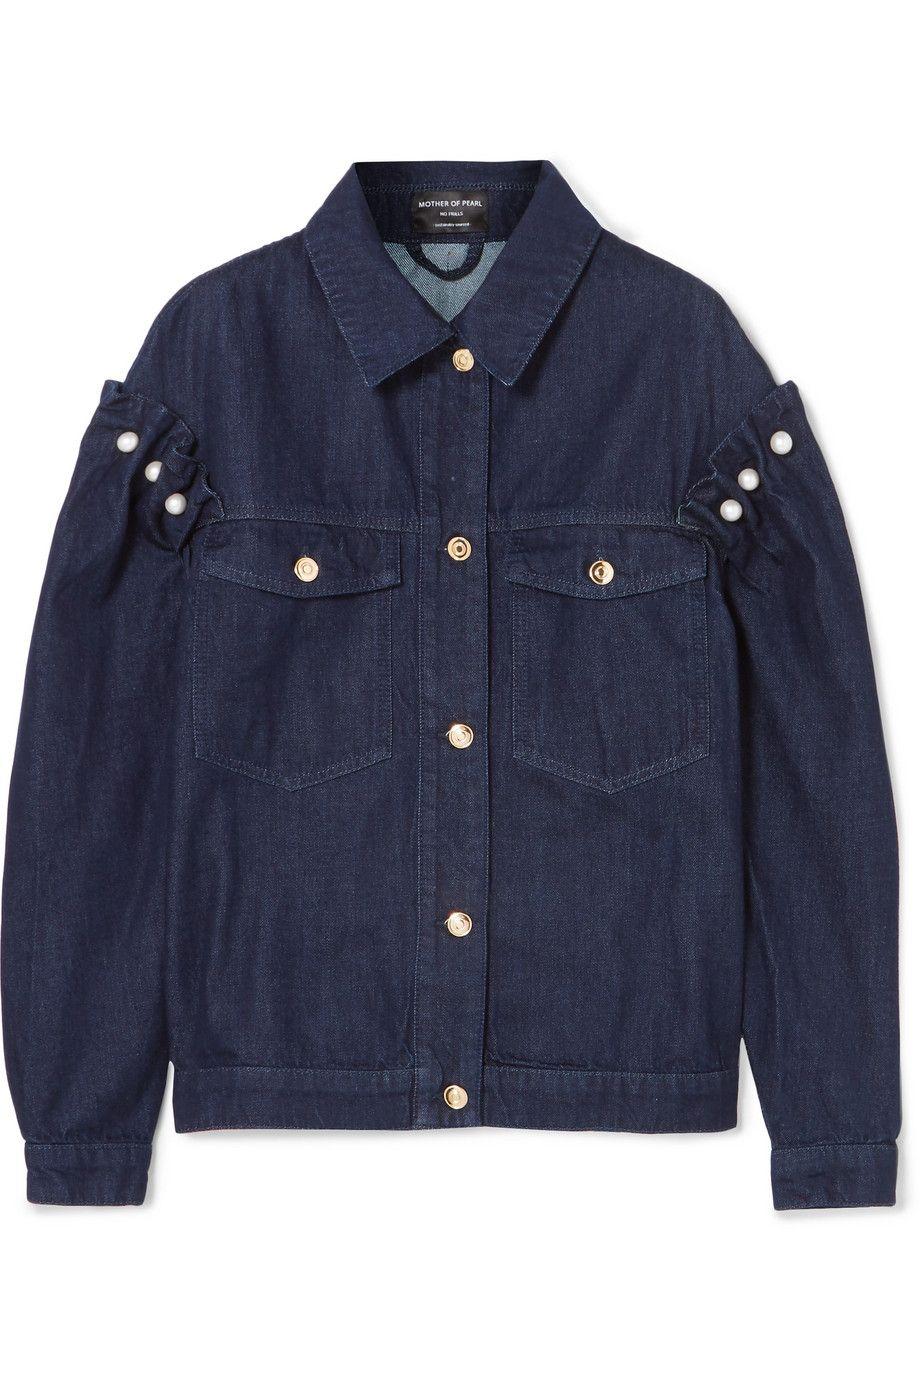 #PopbelaOOTD: Statement Denim Jacket